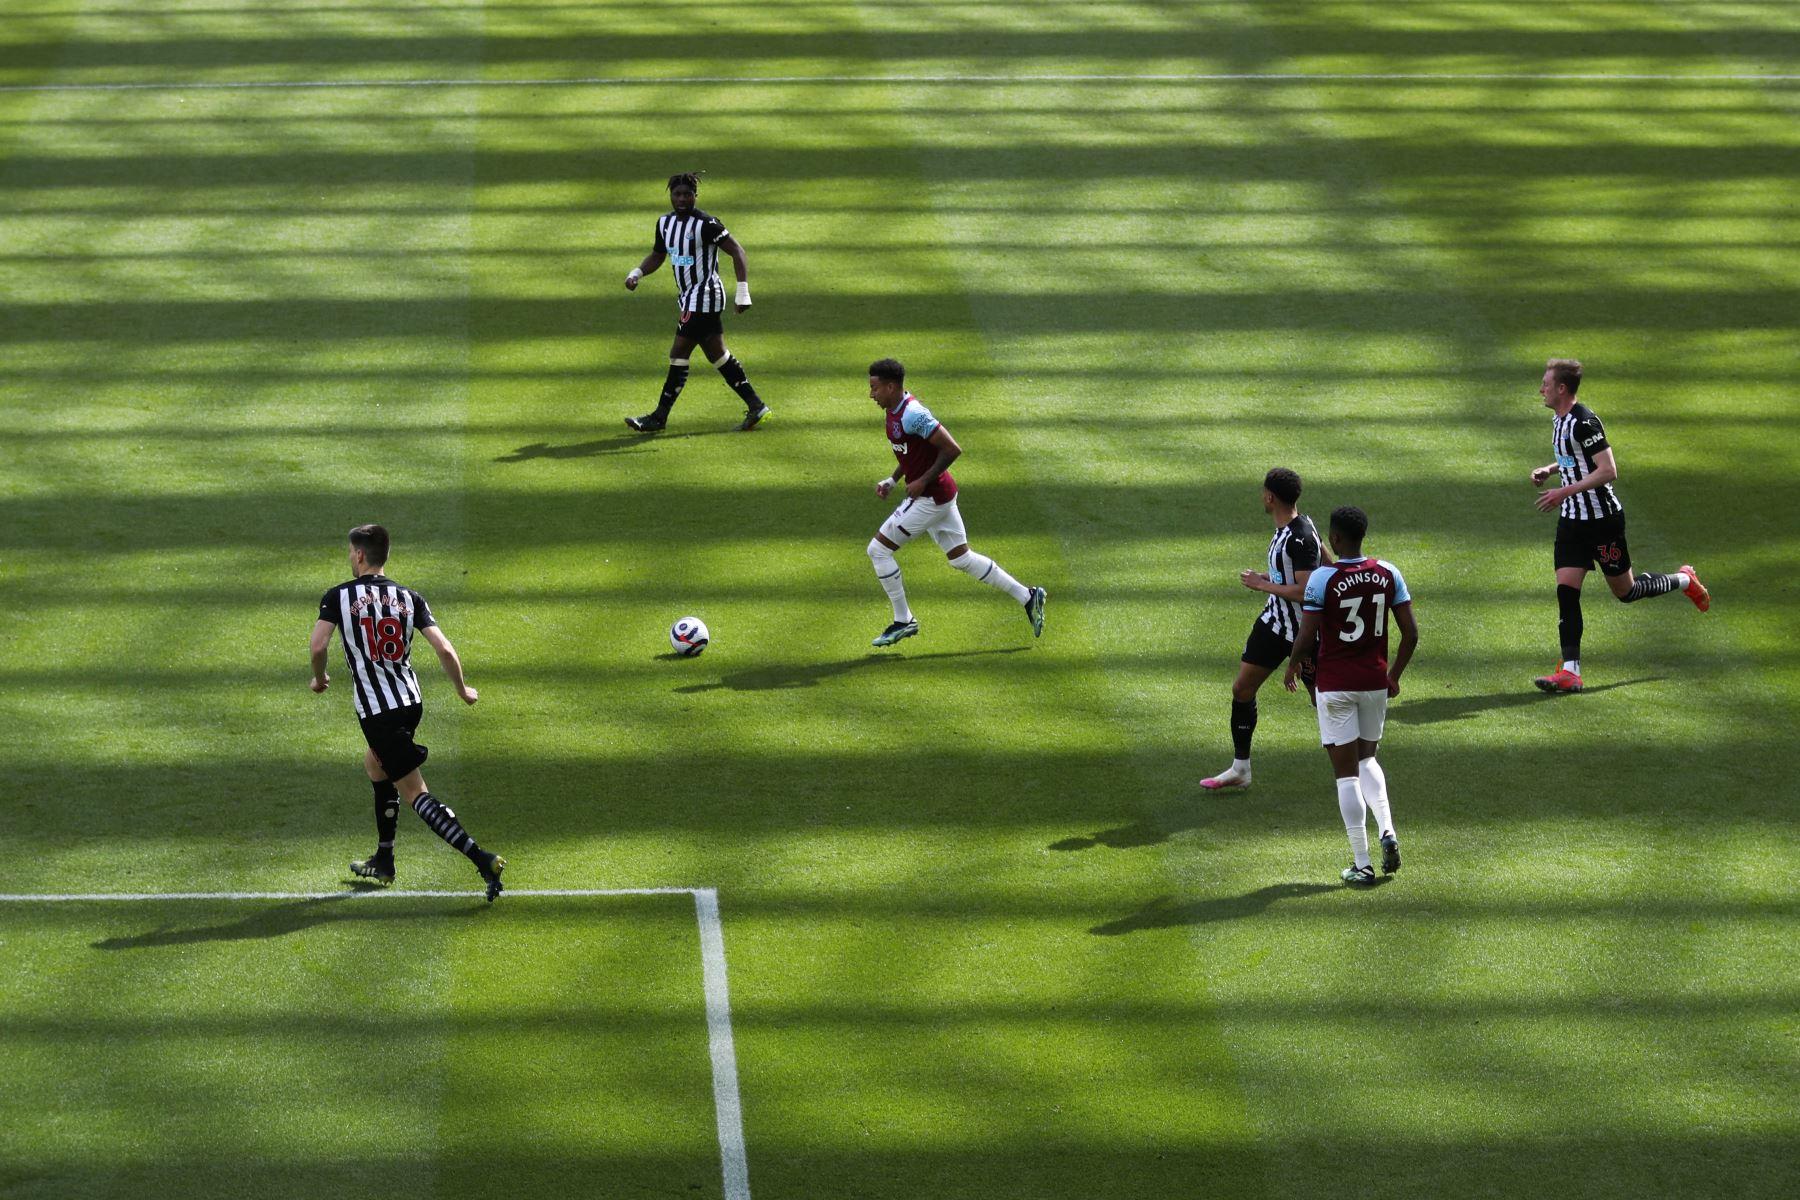 El centrocampista inglés del West Ham United Jesse Lingard controla el balón durante el partido de fútbol de la Premier League inglesa entre el Newcastle United y el West Ham United. Foto: AFP